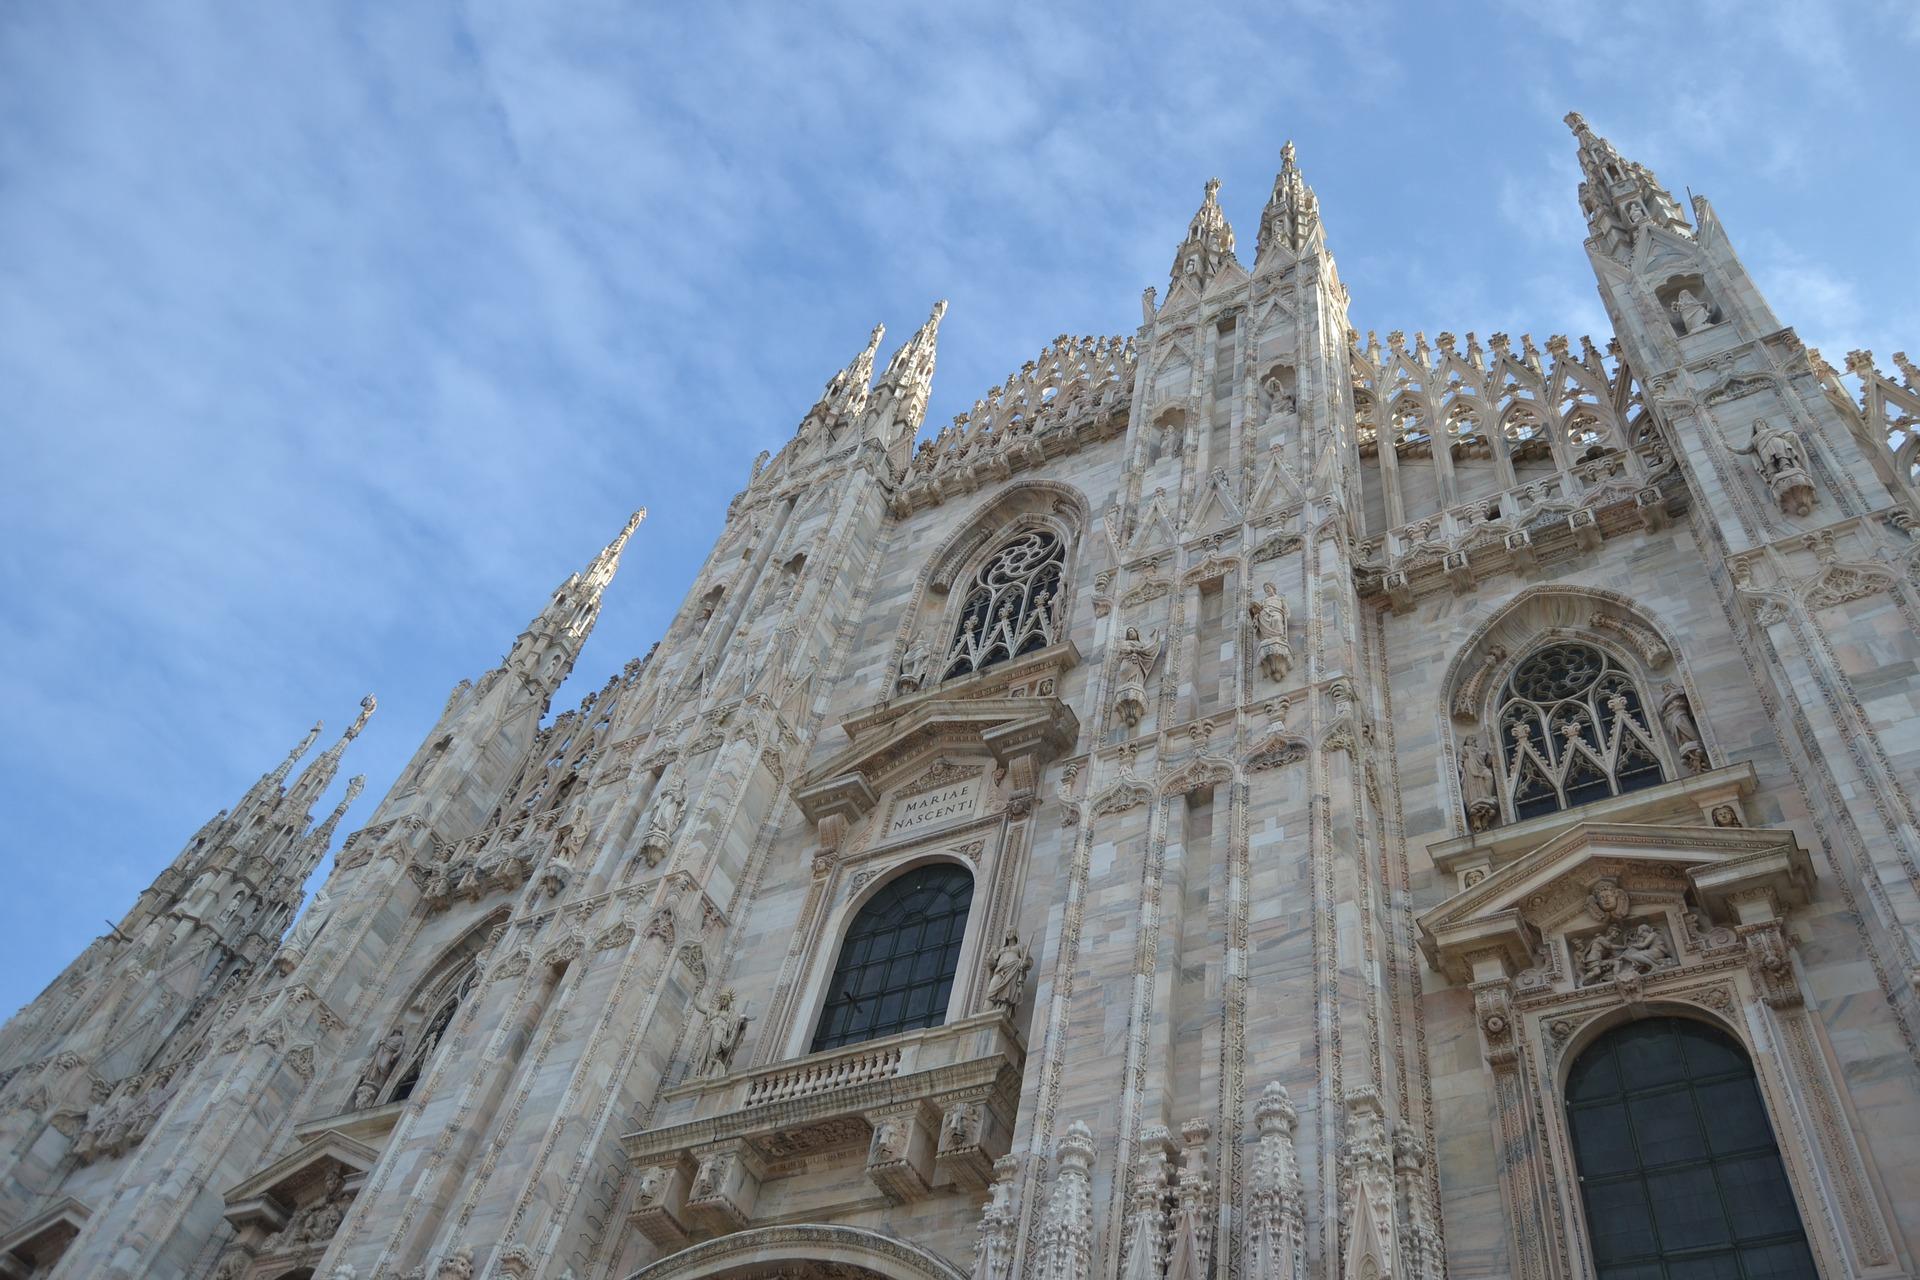 Andrea Bocelli wystąpił samotnie z recitalem w katedrze w Mediolanie